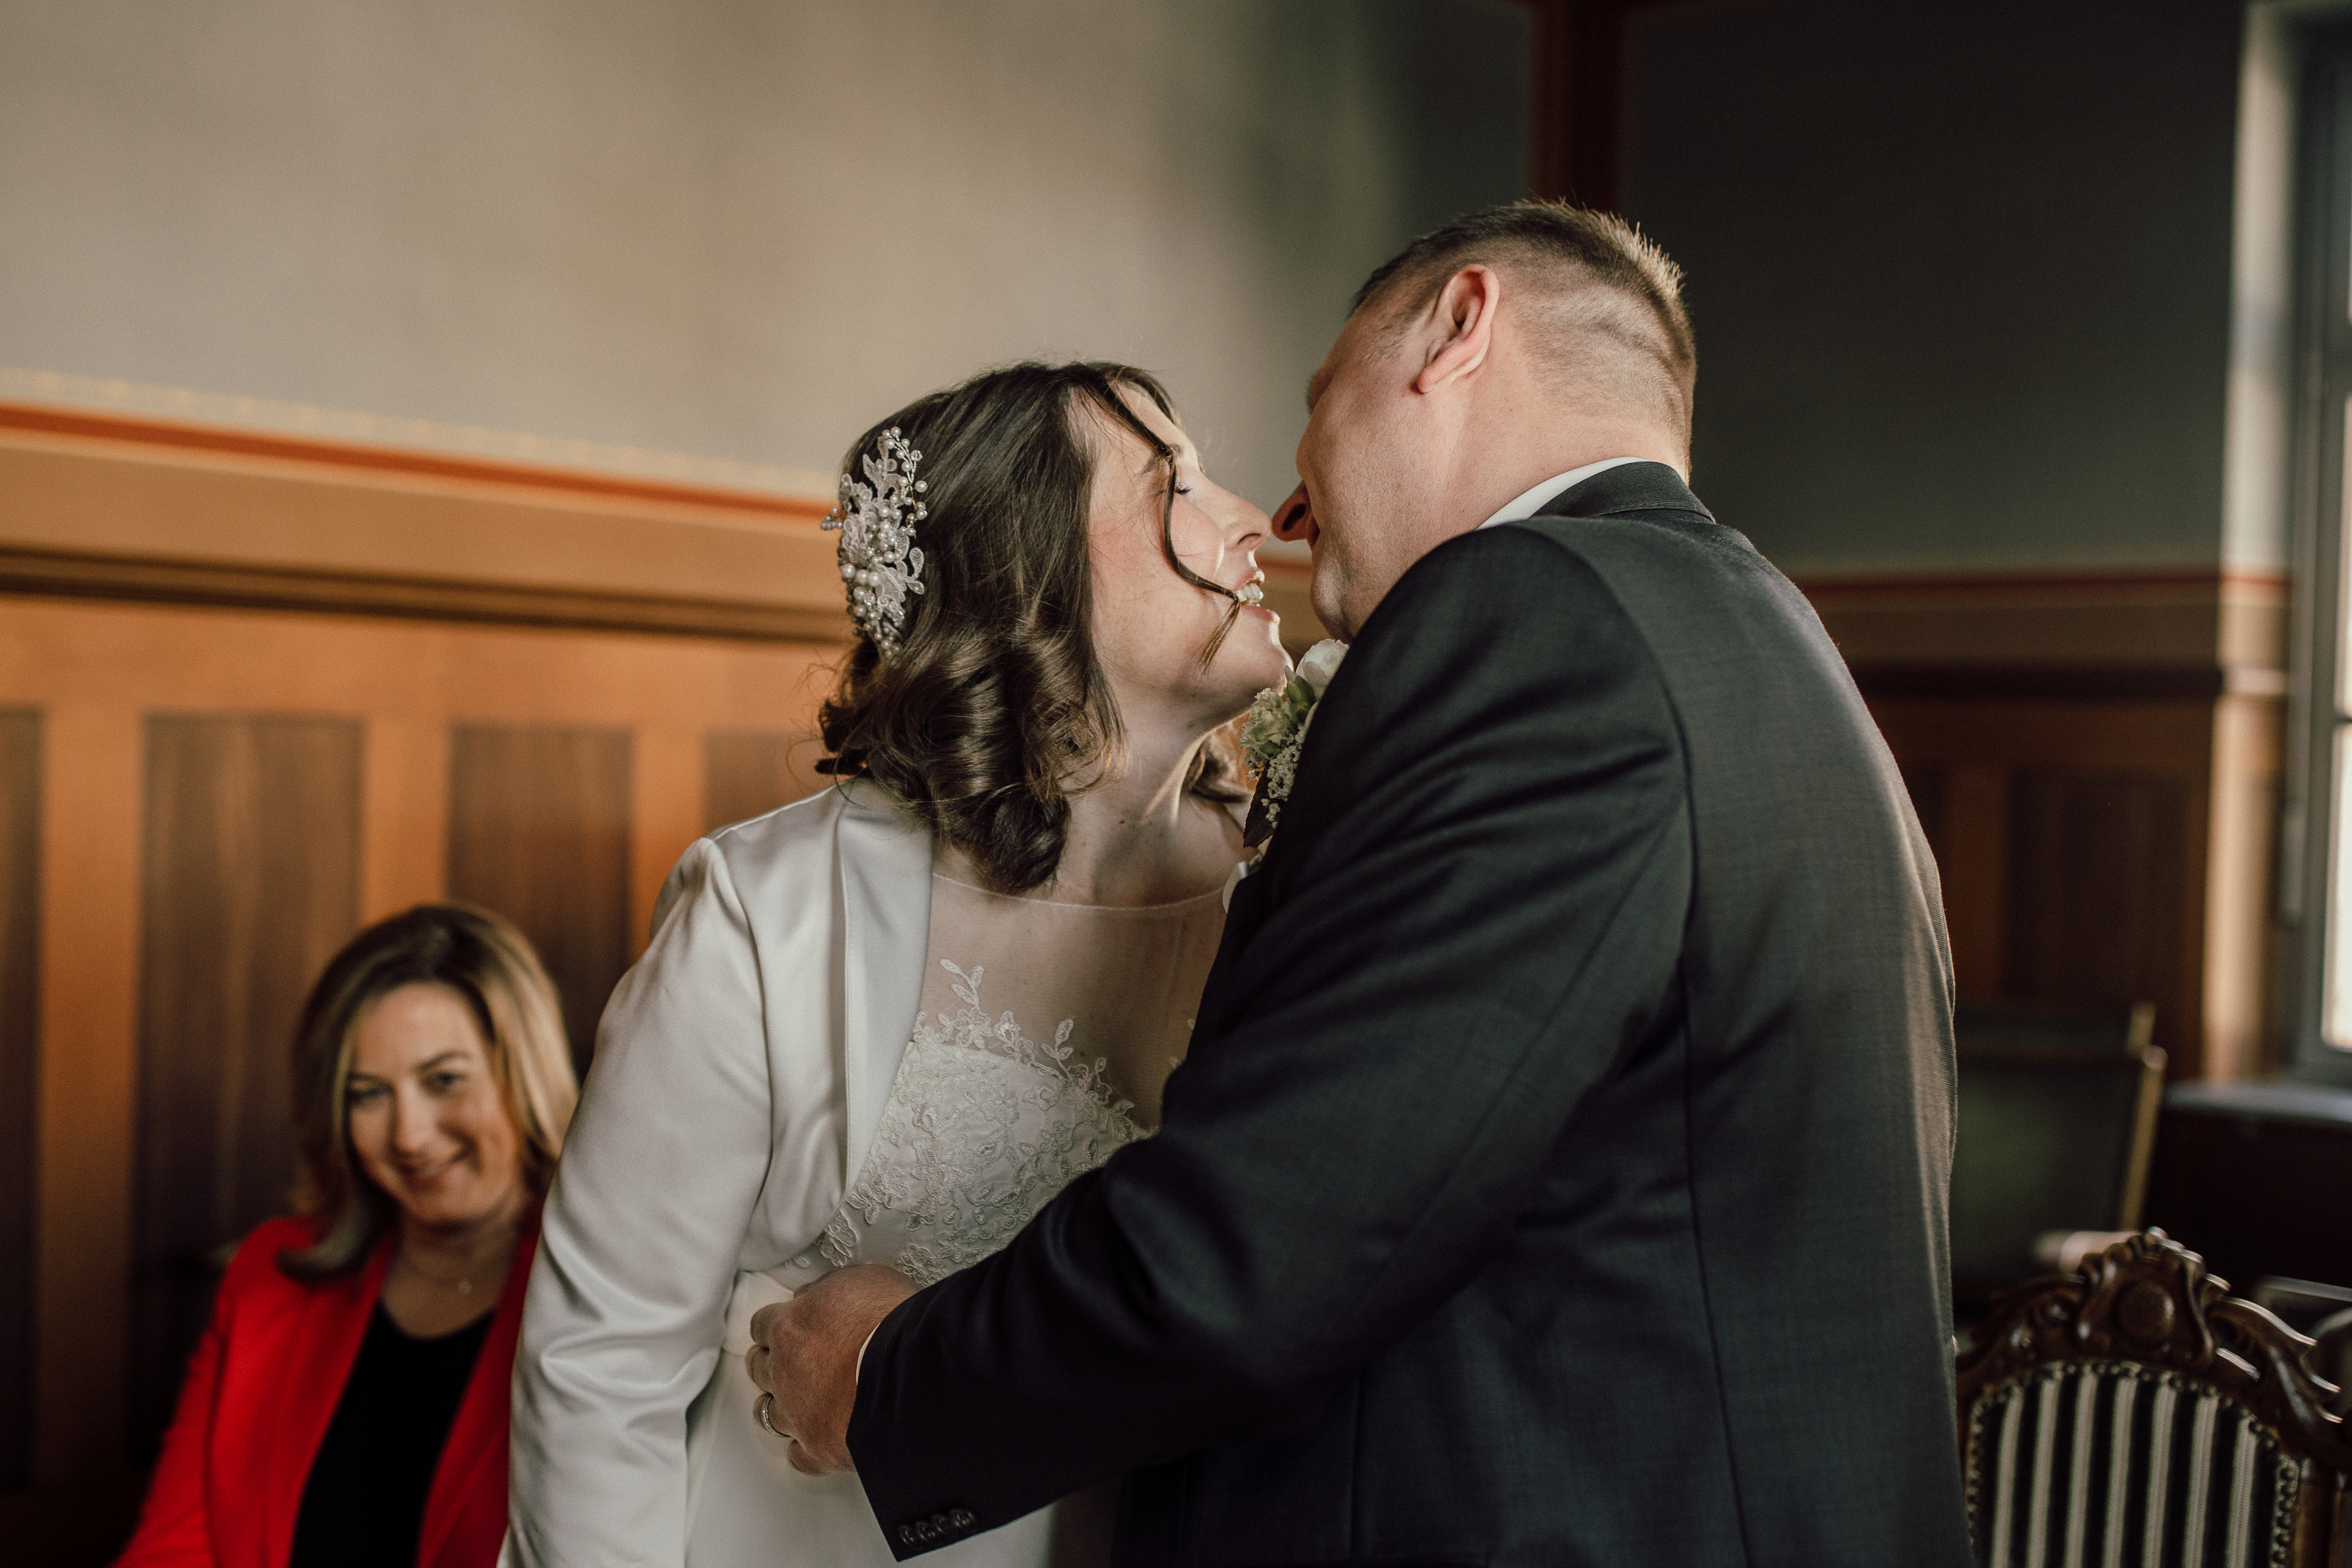 URBANERIE_Daniela_Goth_Hochzeitsfotografin_Nürnberg_Fürth_Erlangen_Schwabach_180223_0309